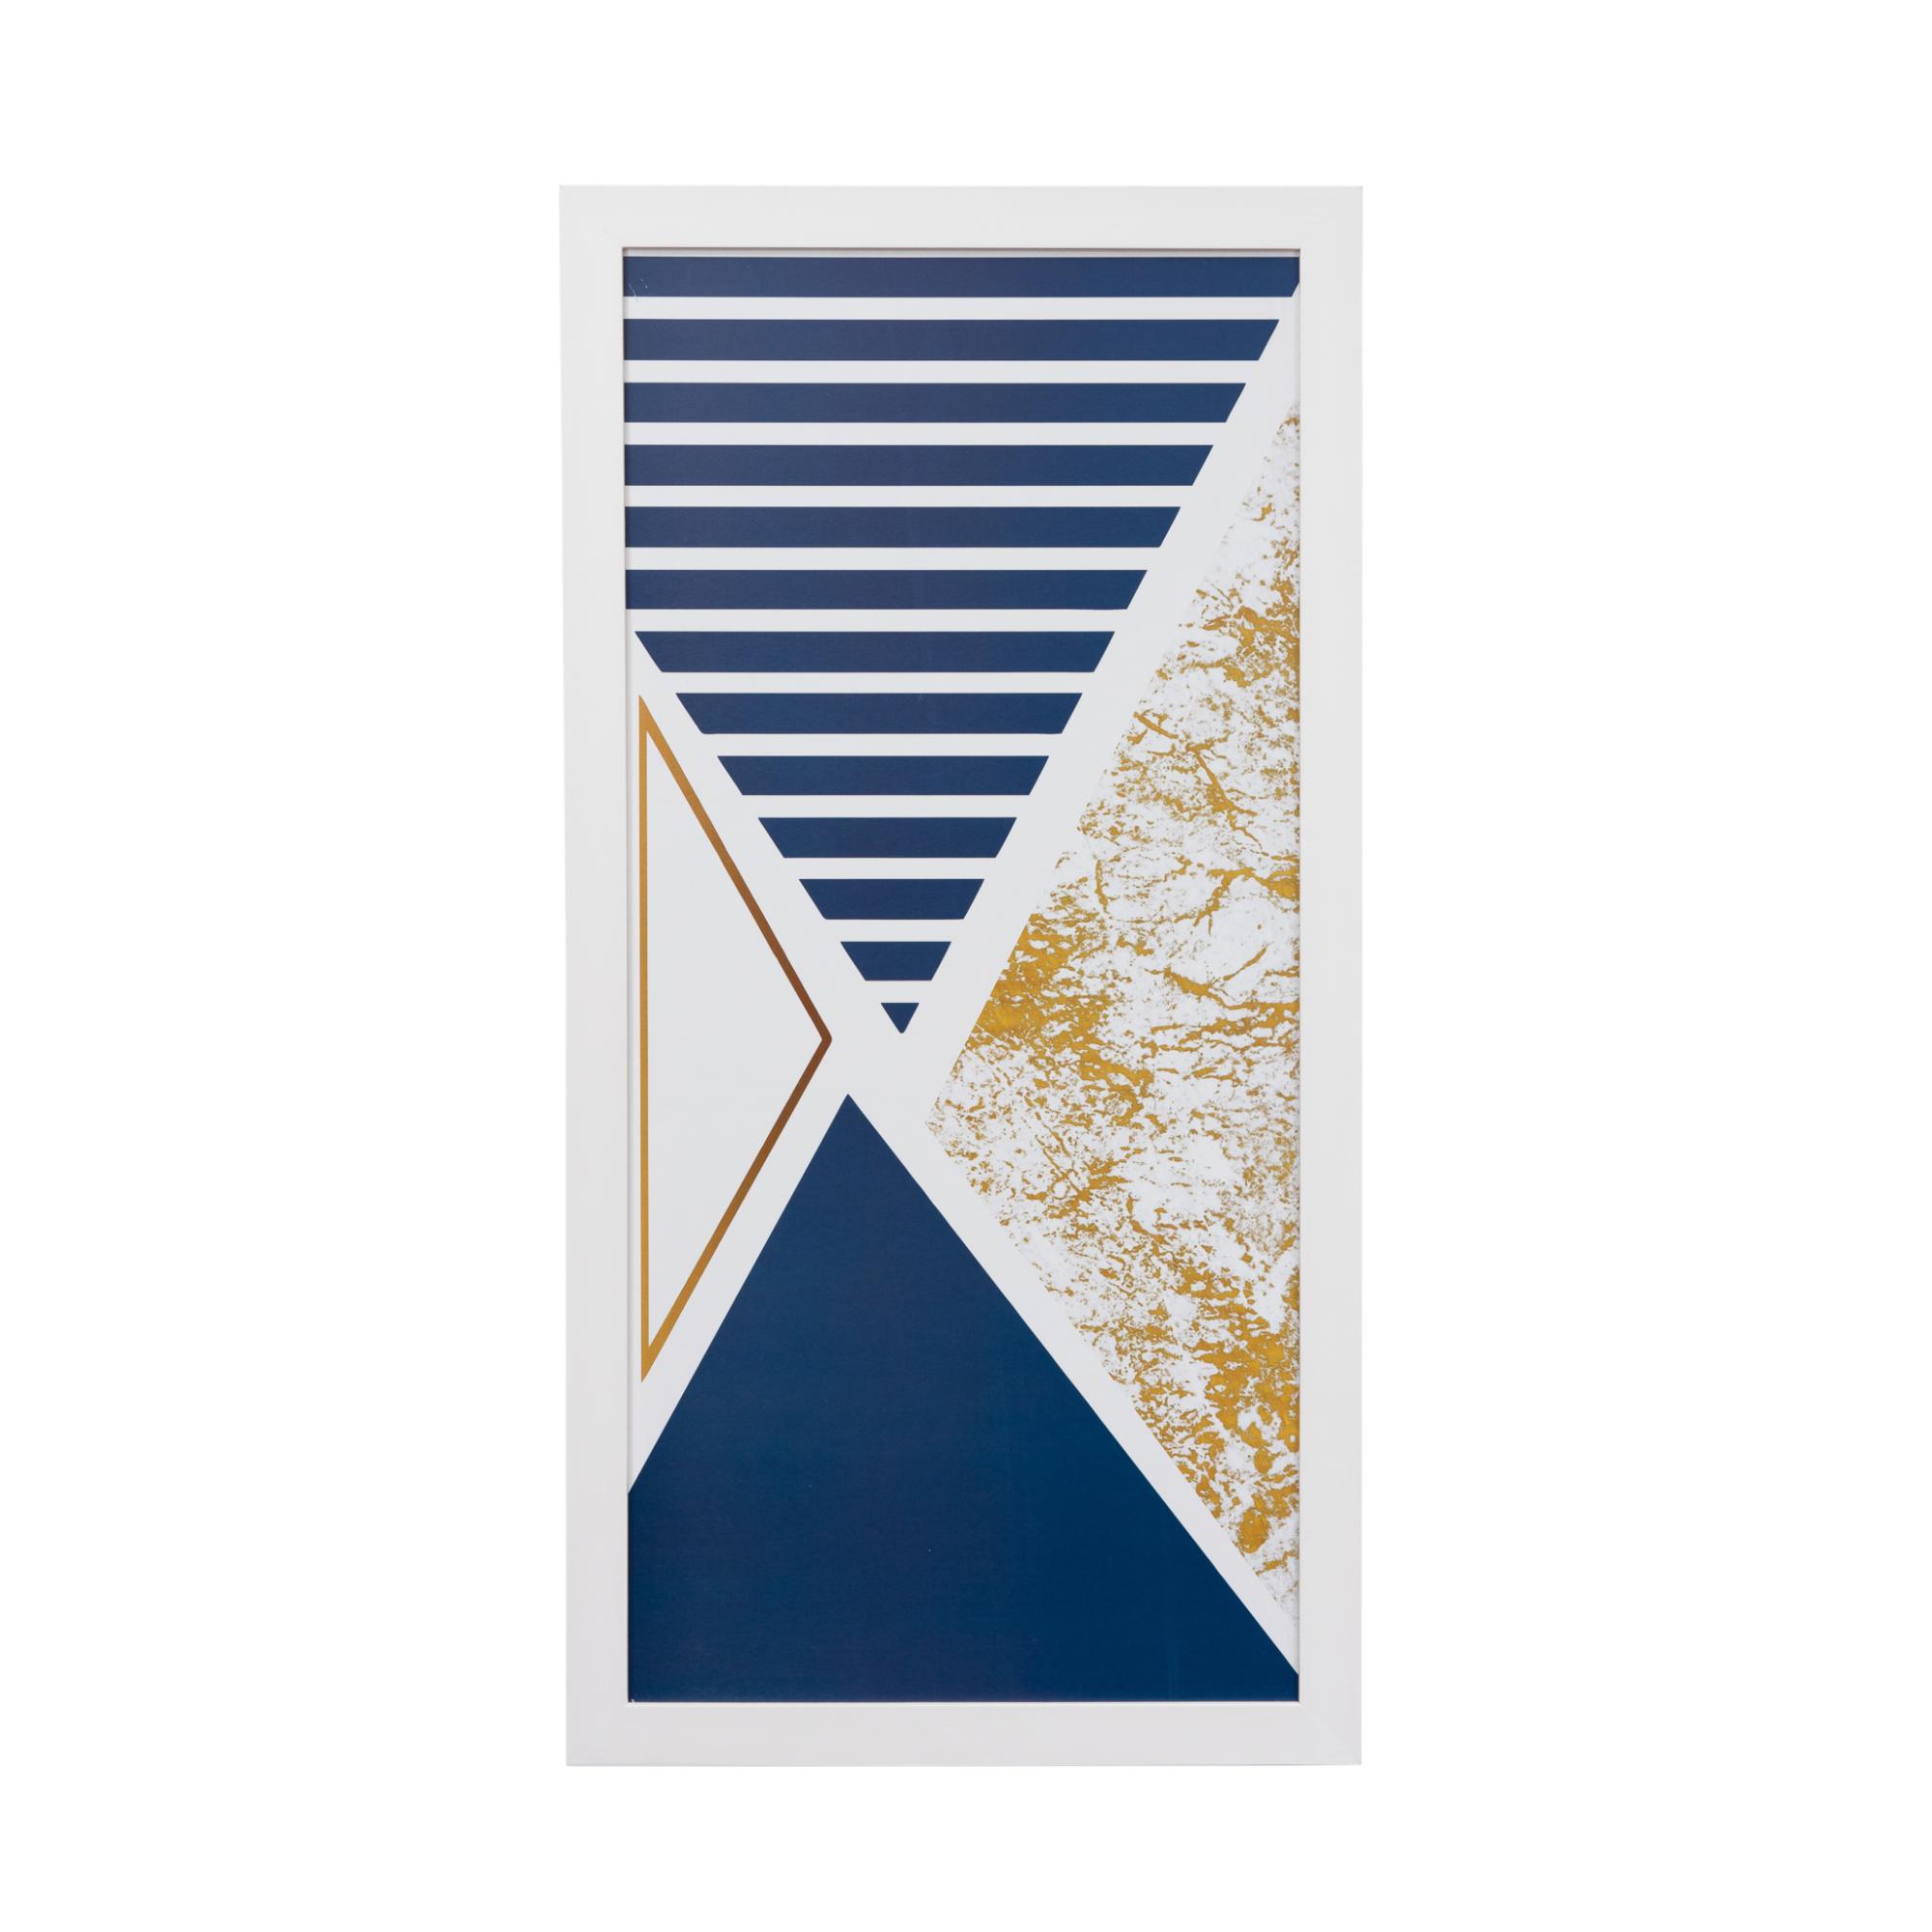 Quadro Decorativo 33x70cm Geometrico Azul e Dourado- Art Frame